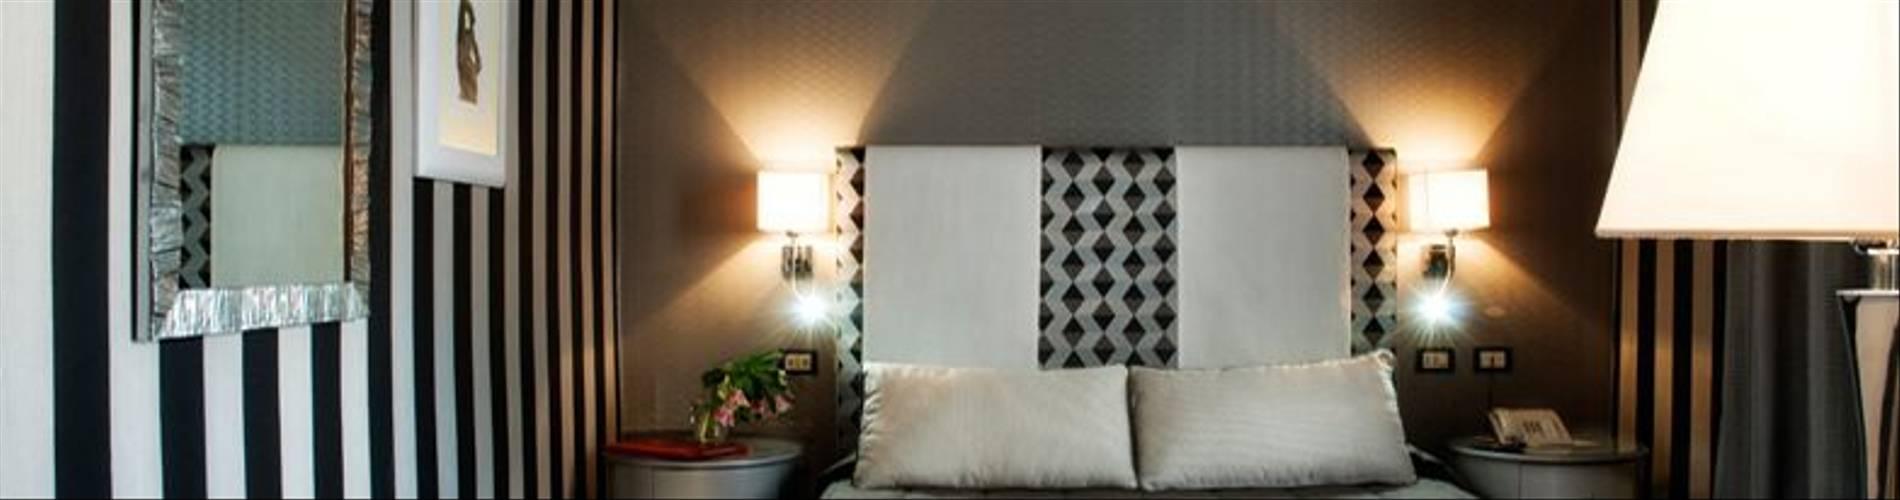 Hotel Morgana 4.jpg